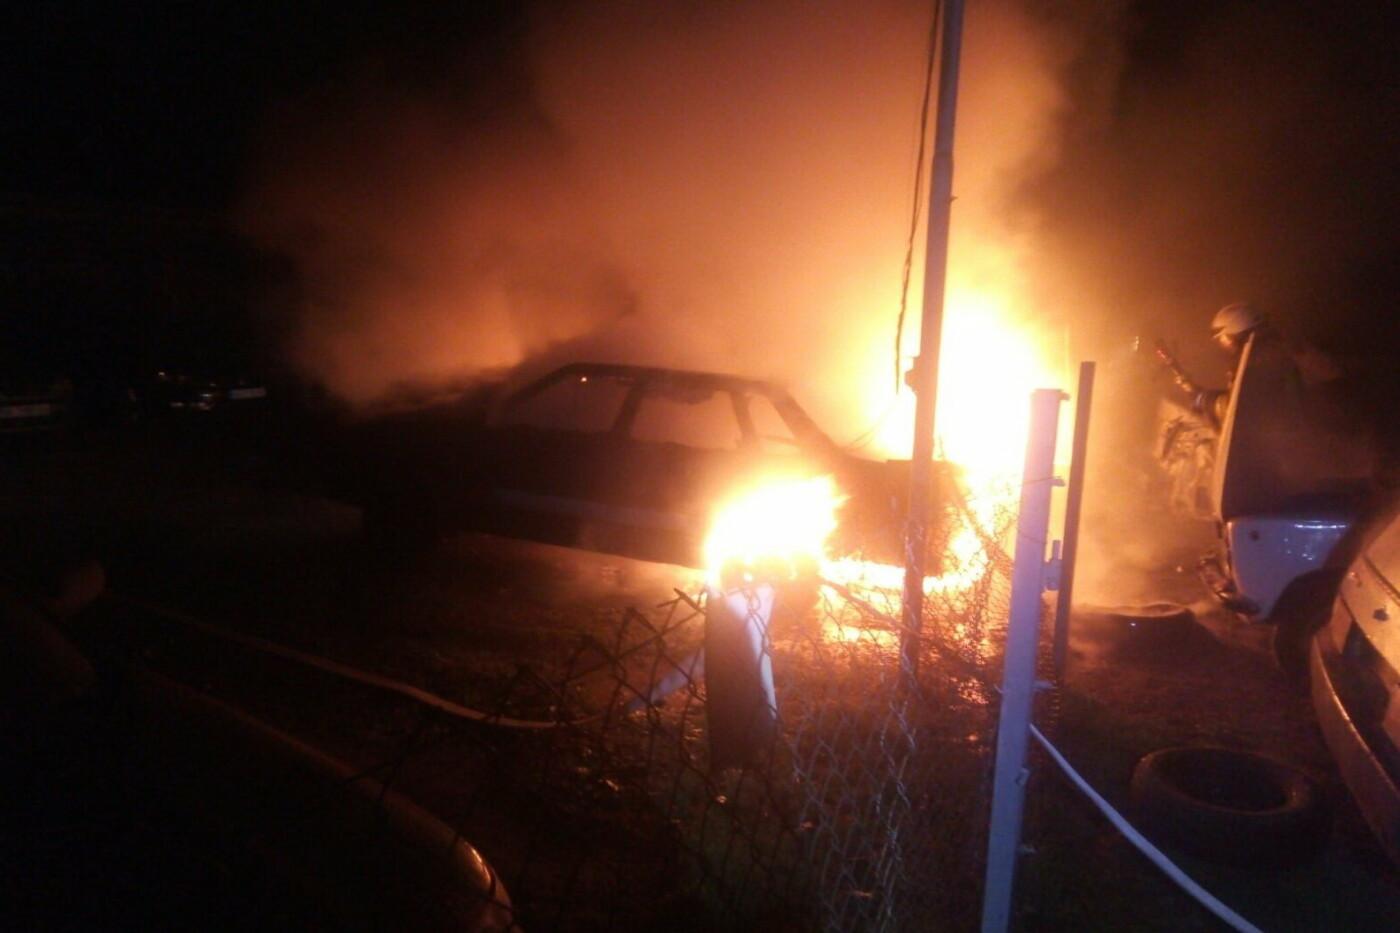 В Харькове неизвестные подожгли автостоянку: сгорели два авто и еще три повреждены, - ФОТО, фото-1